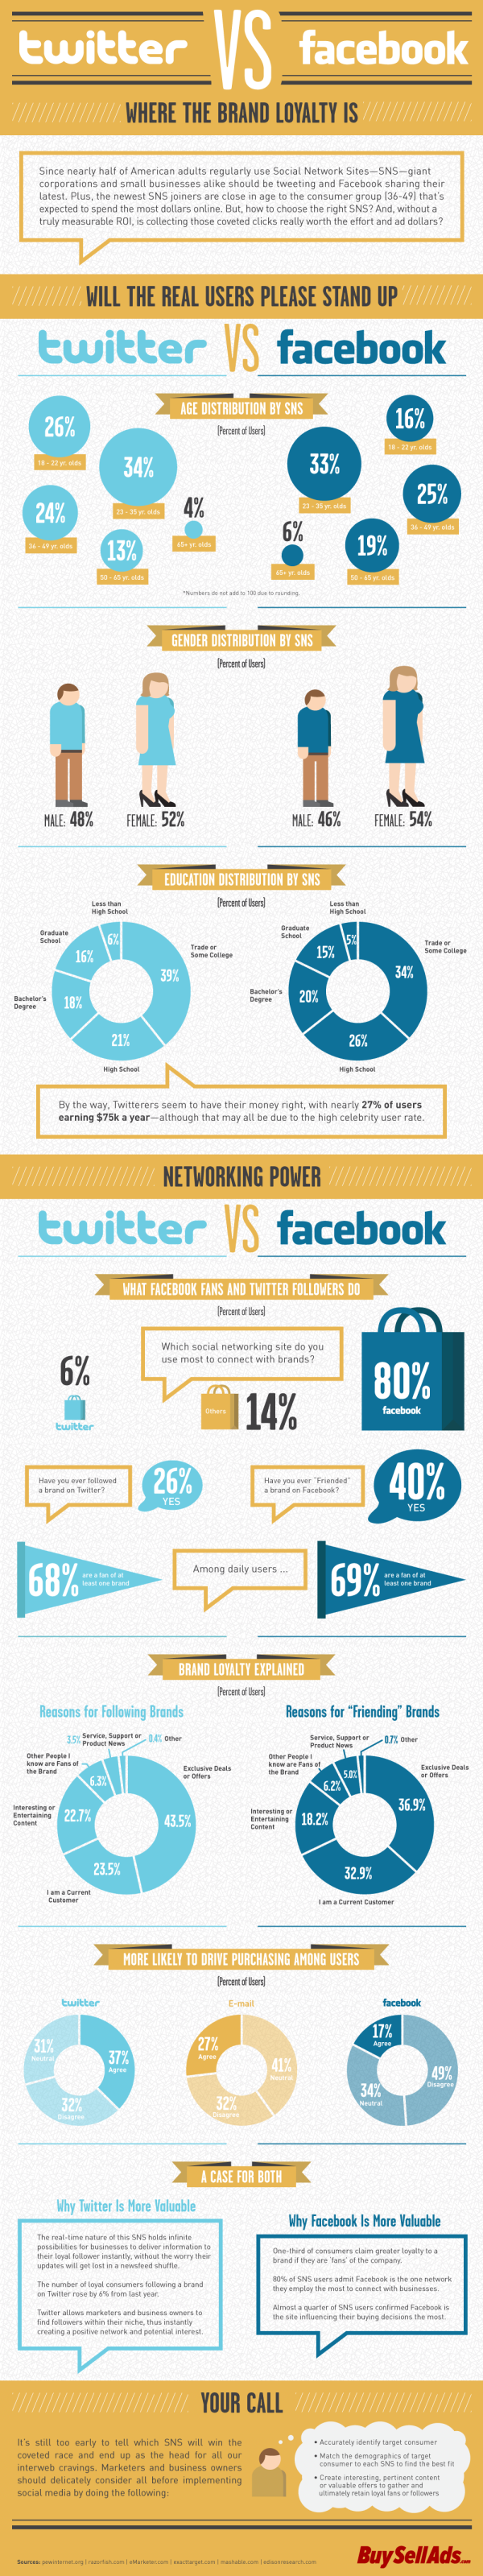 Twitter vs. Facebook resized 600